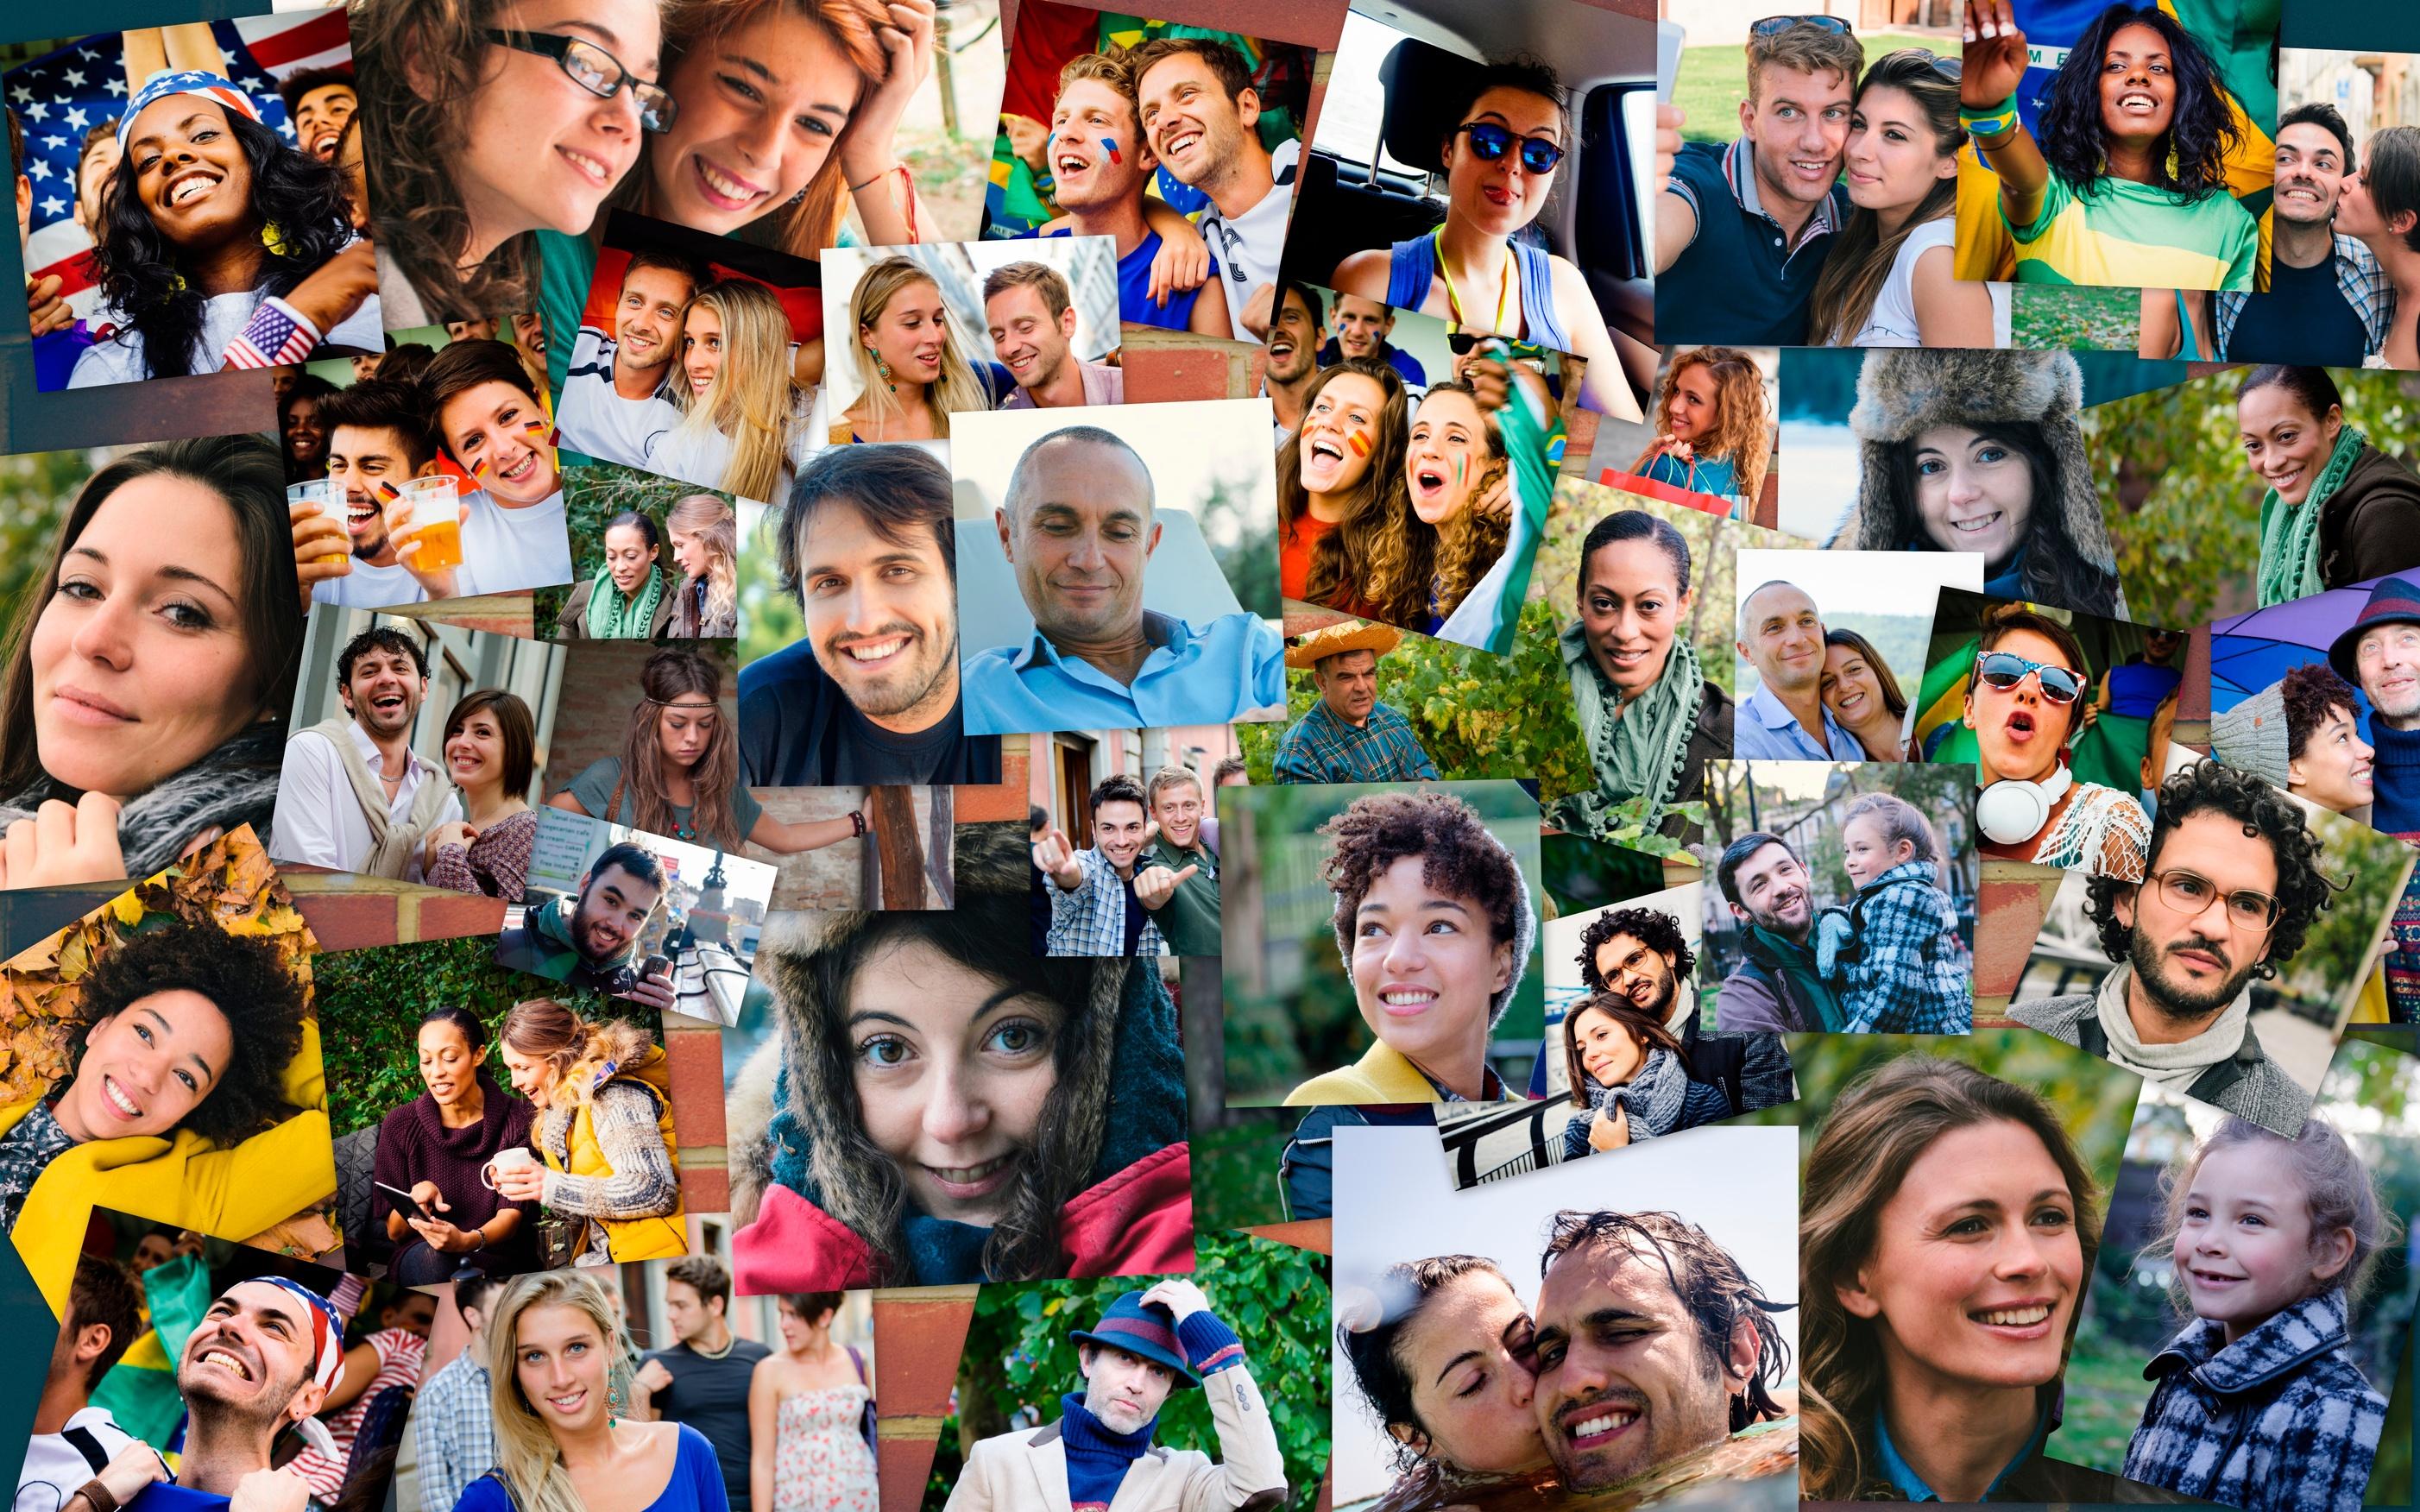 способ можно портреты людей фото коллаж чистом